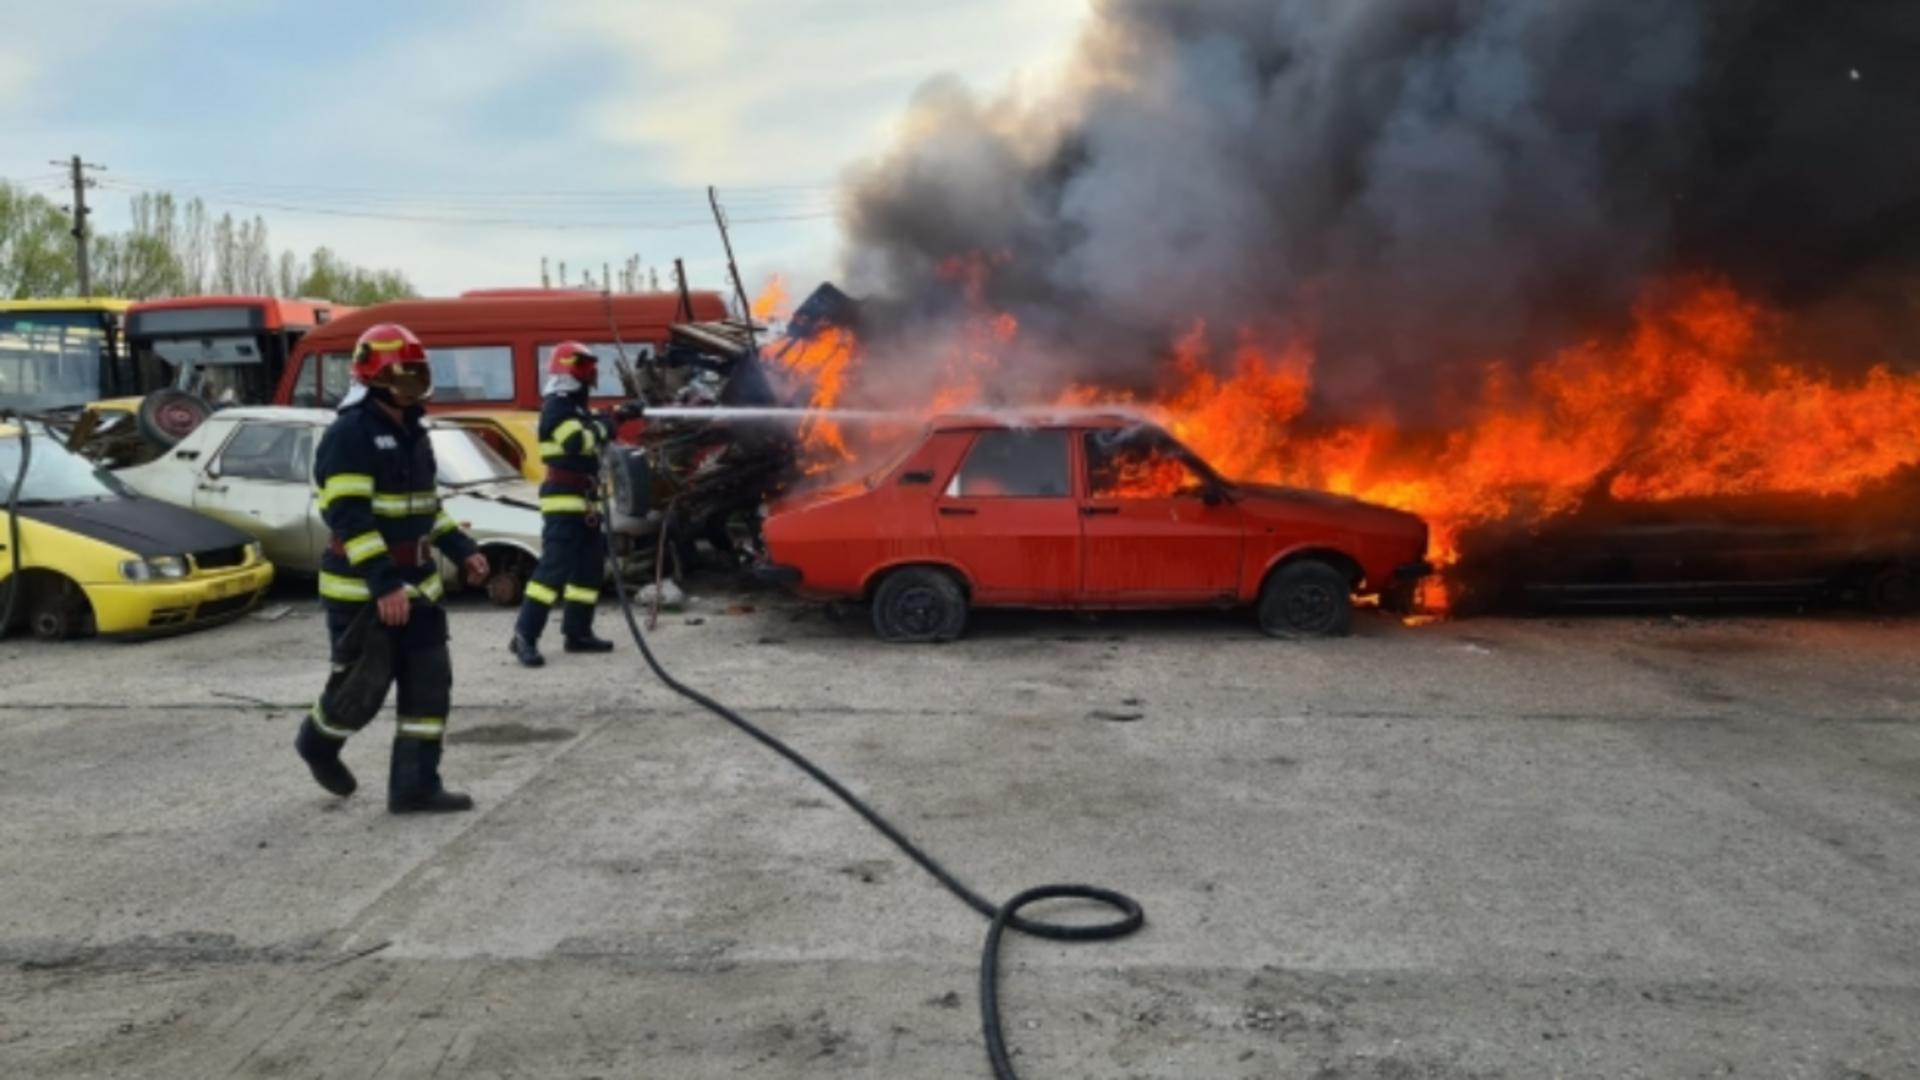 Incendiu la un parc auto ar Regiei de Transport Craiova. Foto/Captură video